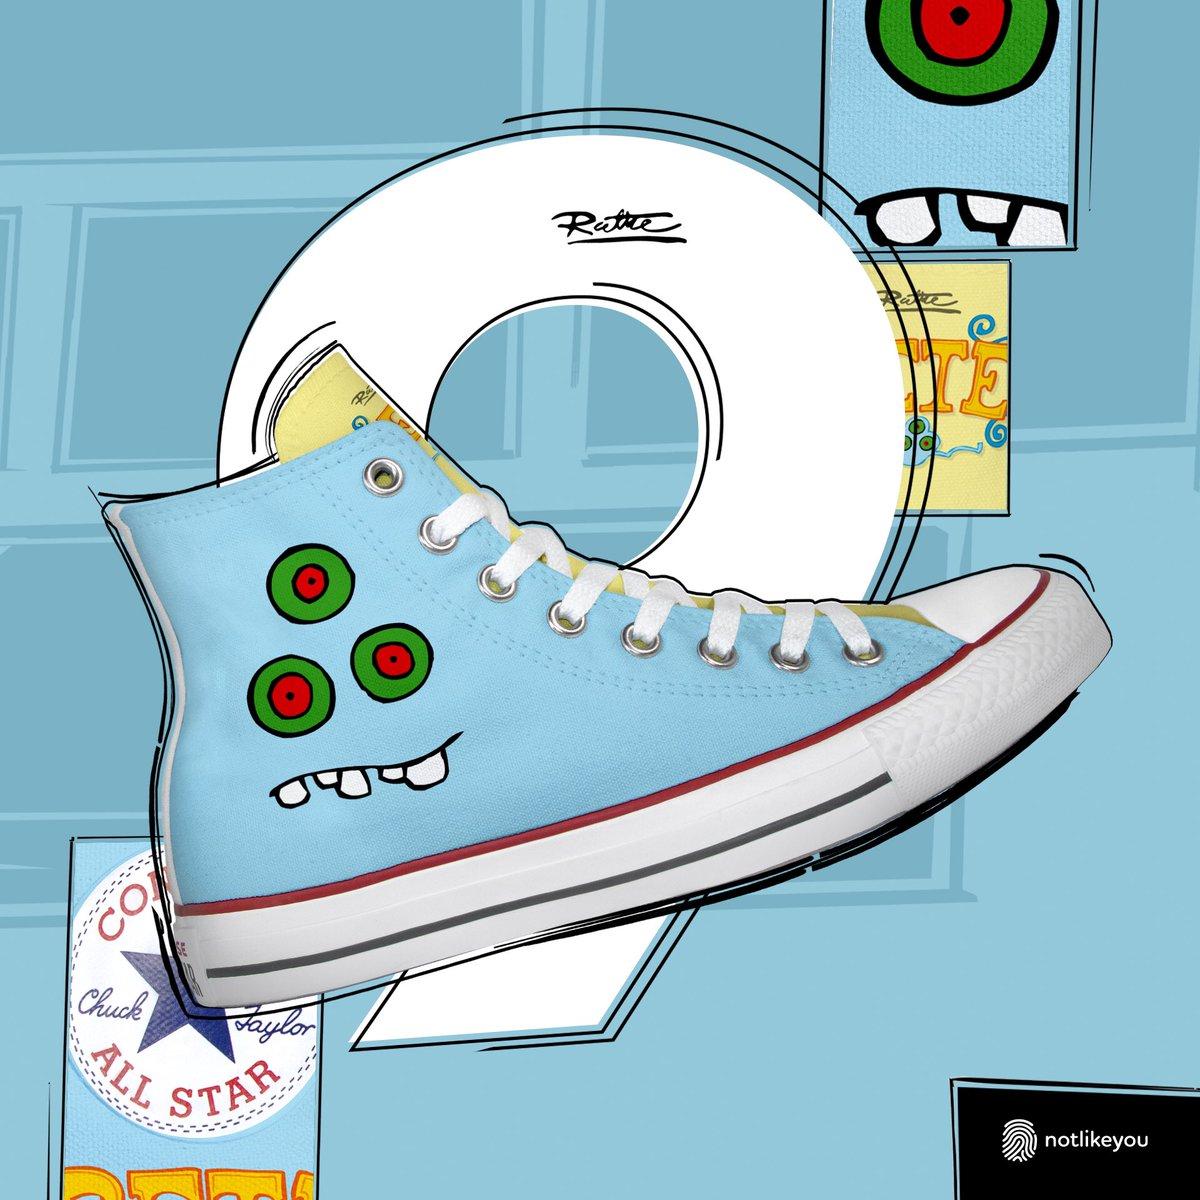 Sie sind da: Sneaker von Converse im RUTHE-DESIGN! Ihr bekommt sie exklusiv bei notlikeyou.com - 1 Woche lang gibts dort täglich ein neues Design + an diesem Tag 10% günstiger. Rabattcode: ruthe. Heute gibts das zweite PETE-Motiv. Hier: notlikeyou.com/de/detail/inde…